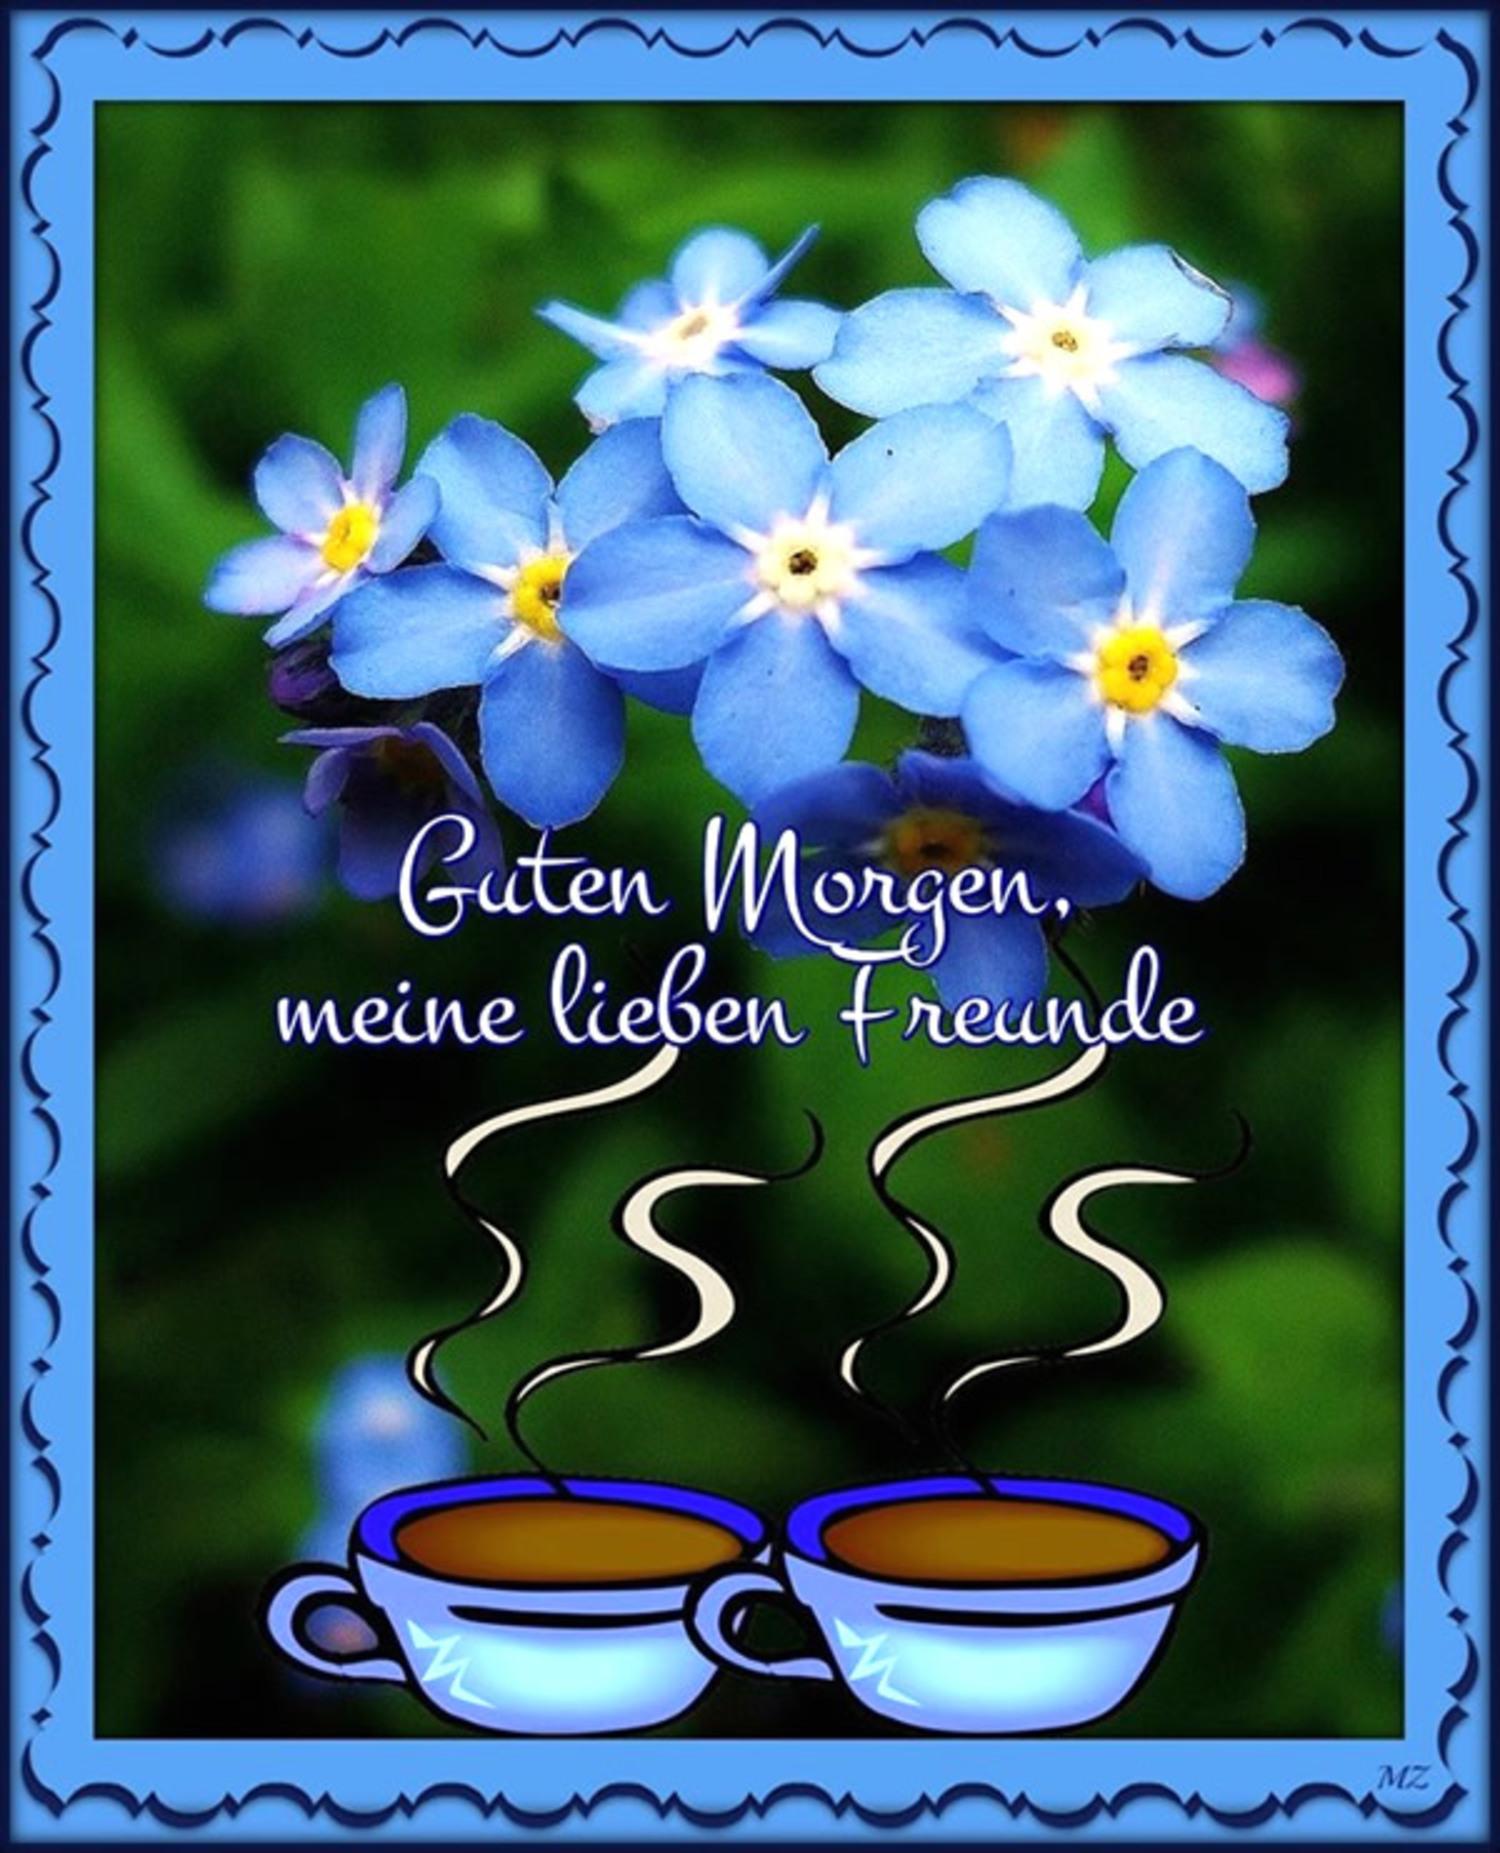 Guten Morgen Freunde 452 Gbpicsbildercom